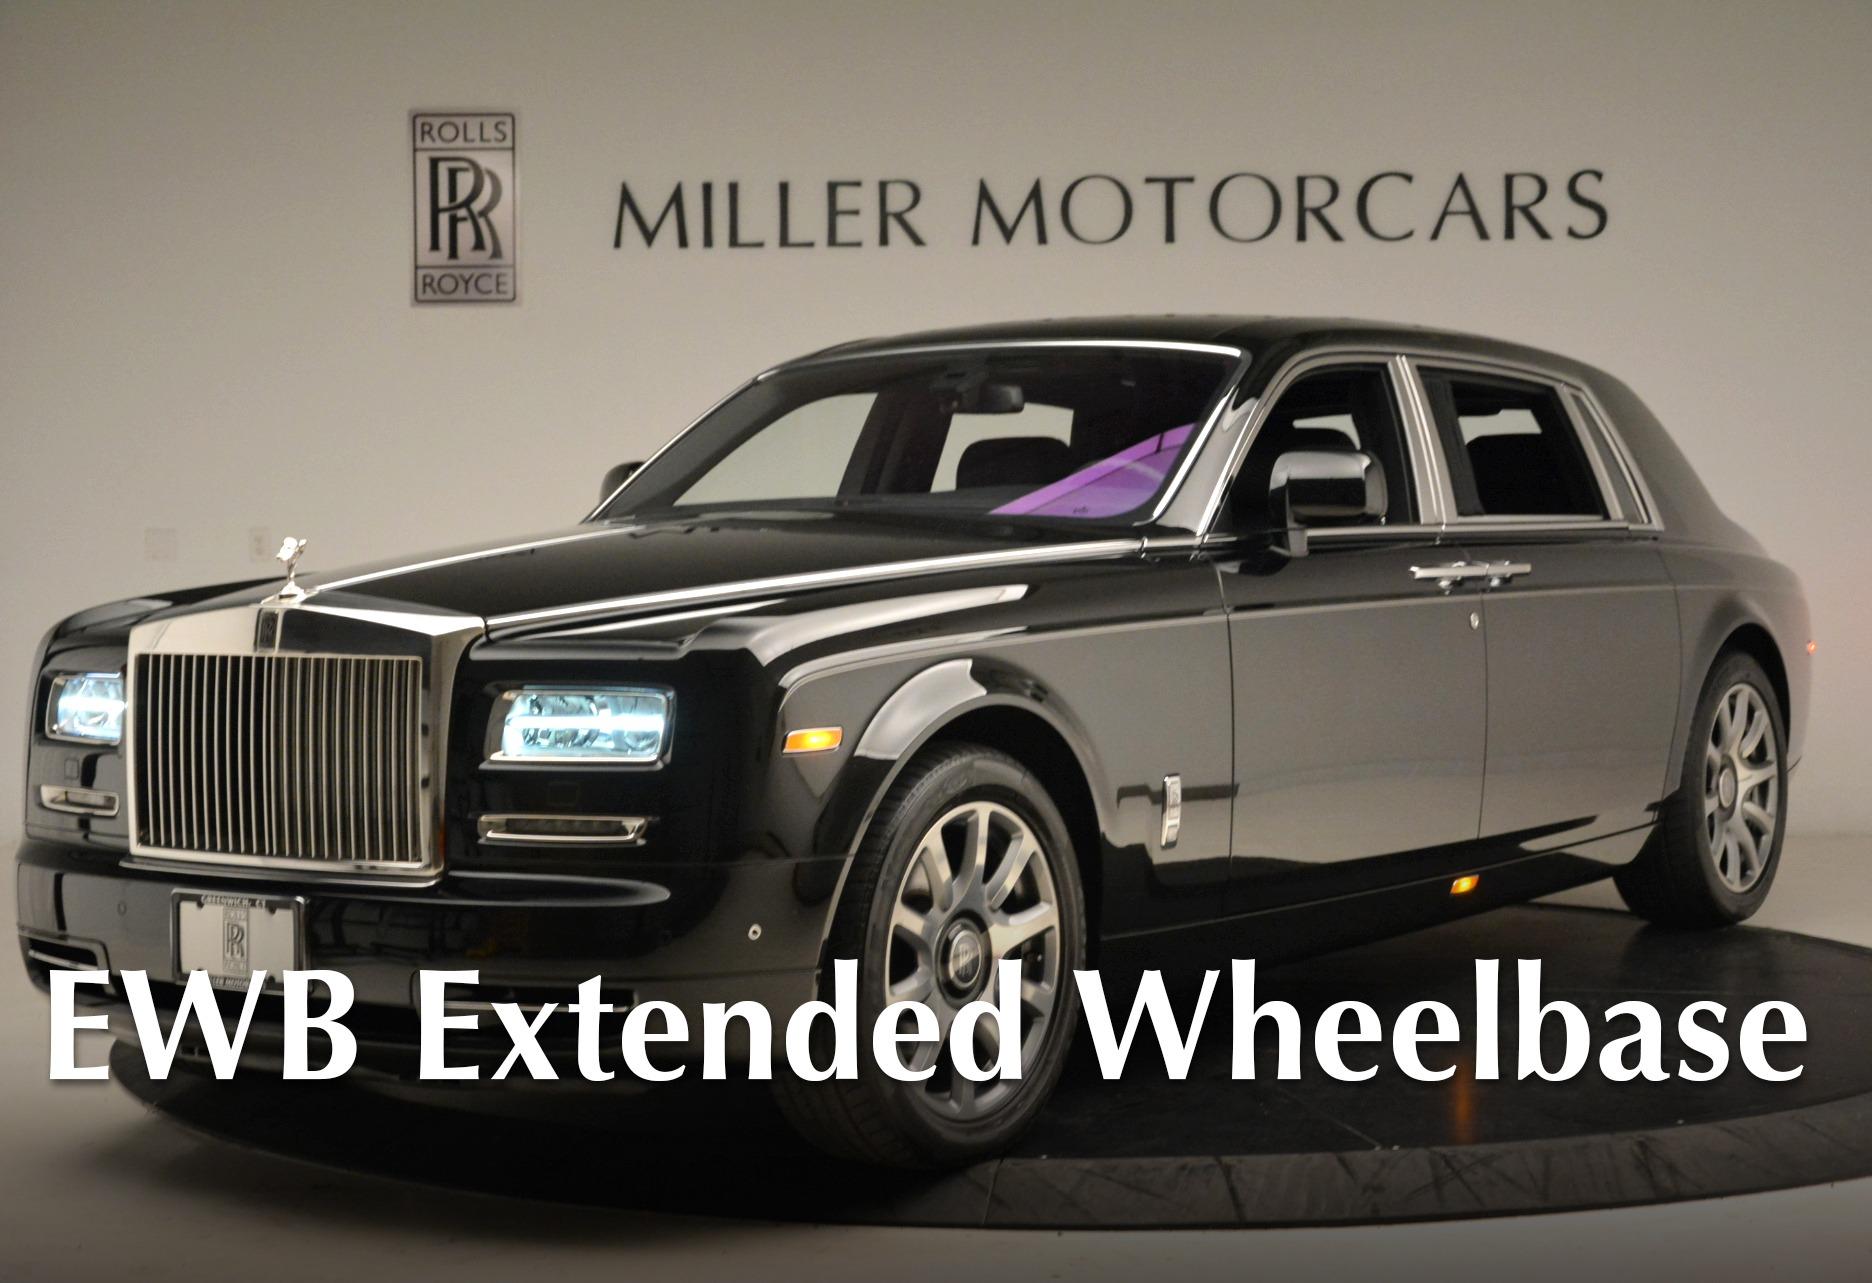 Used 2014 Rolls-Royce Phantom EWB for sale Sold at Bugatti of Greenwich in Greenwich CT 06830 1